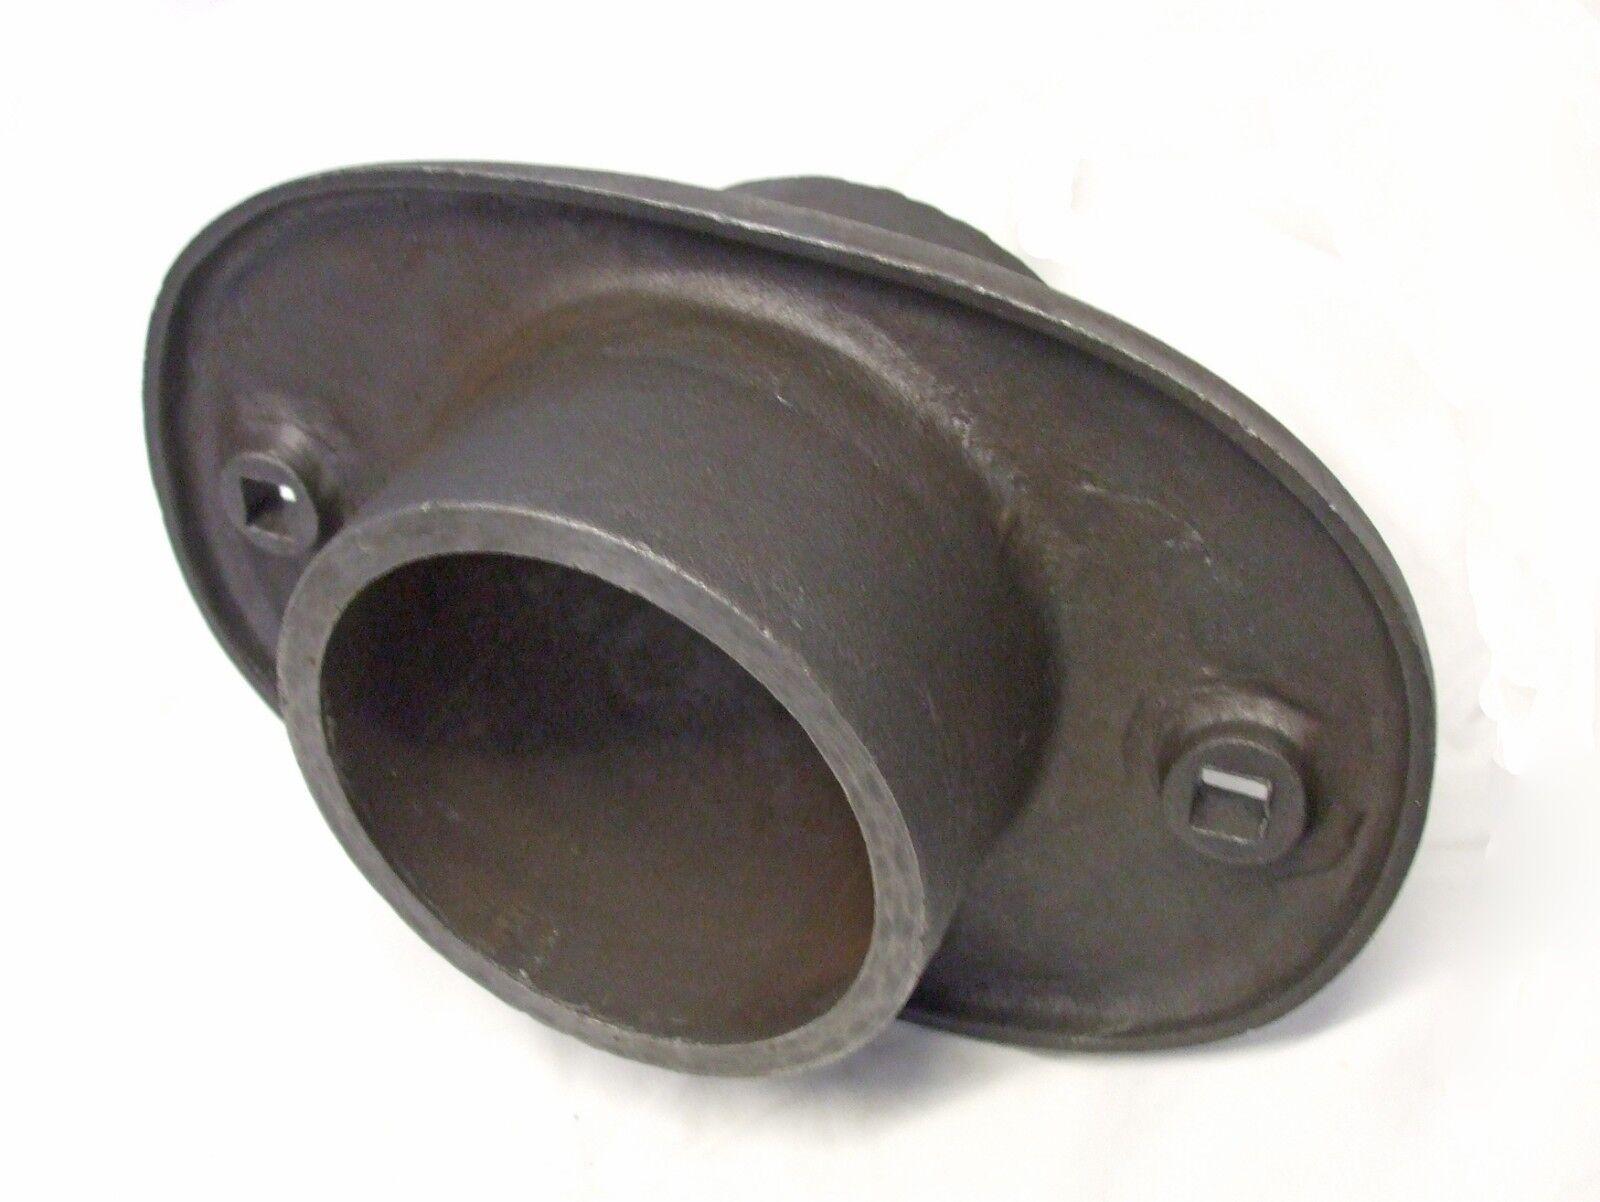 Schornstein Kragen für Kanal Stiefel Stiefel Stiefel Ofen Rohr, 15.2cm Schornstein CHC006 ac6b91